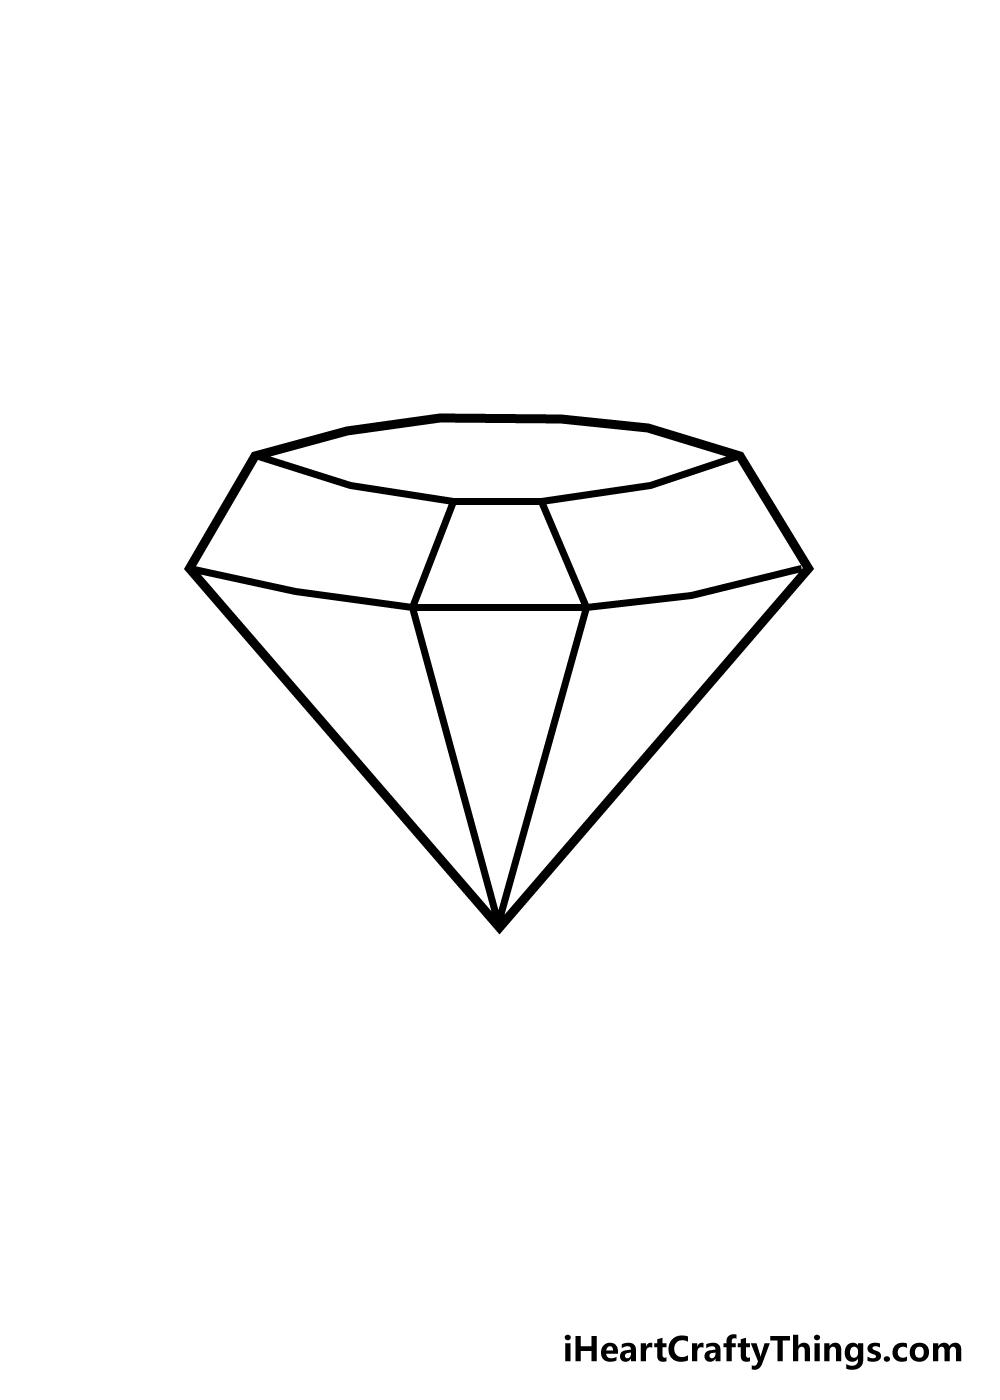 diamond drawing step 4